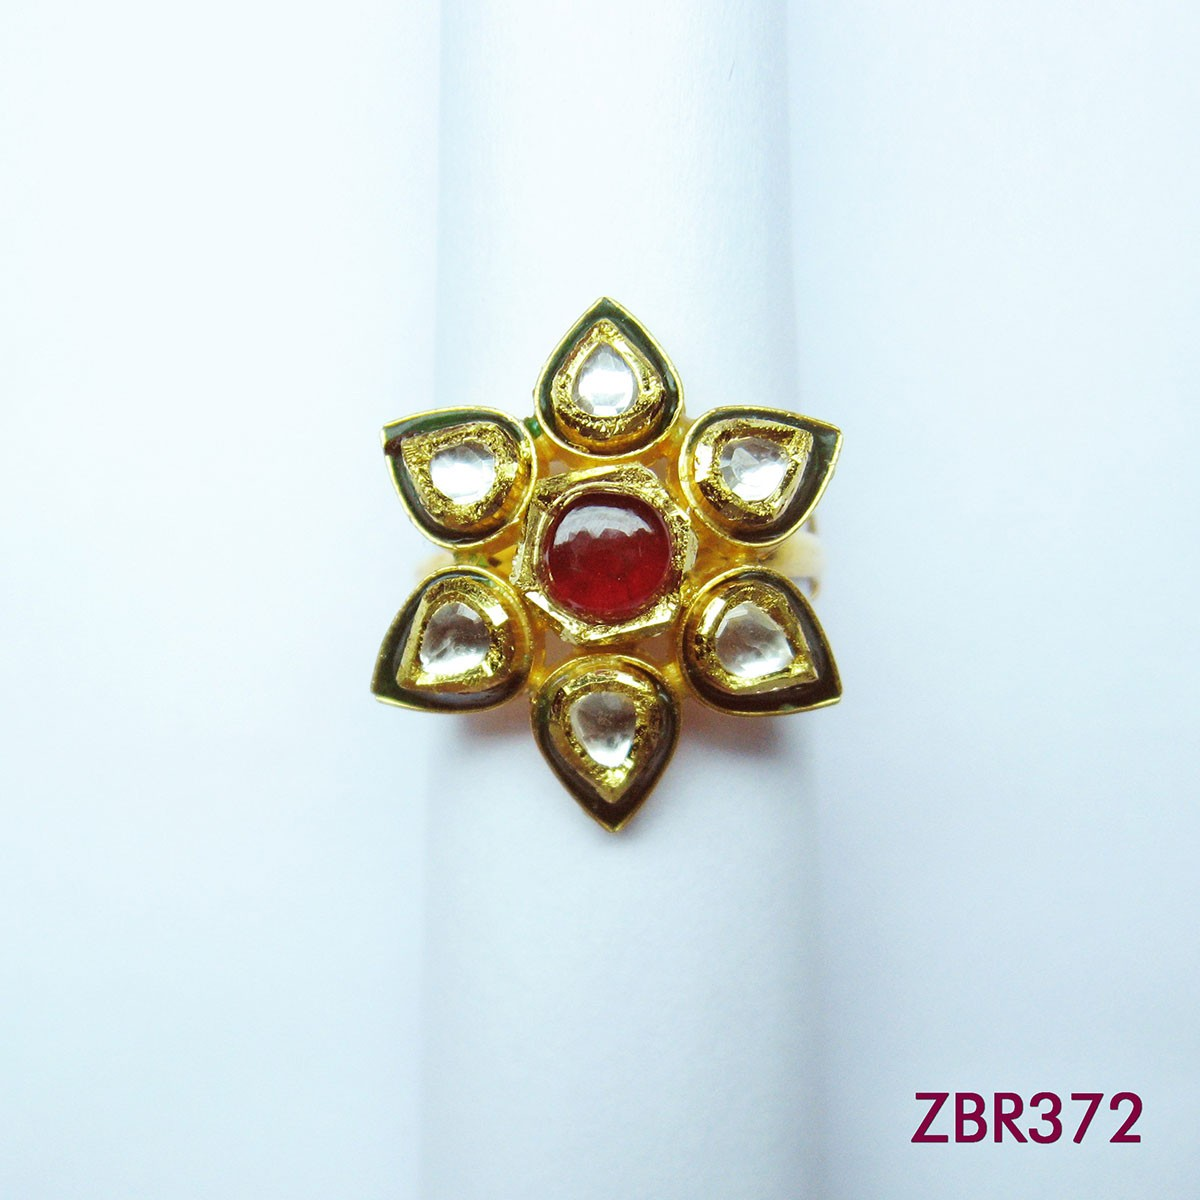 ZBR372